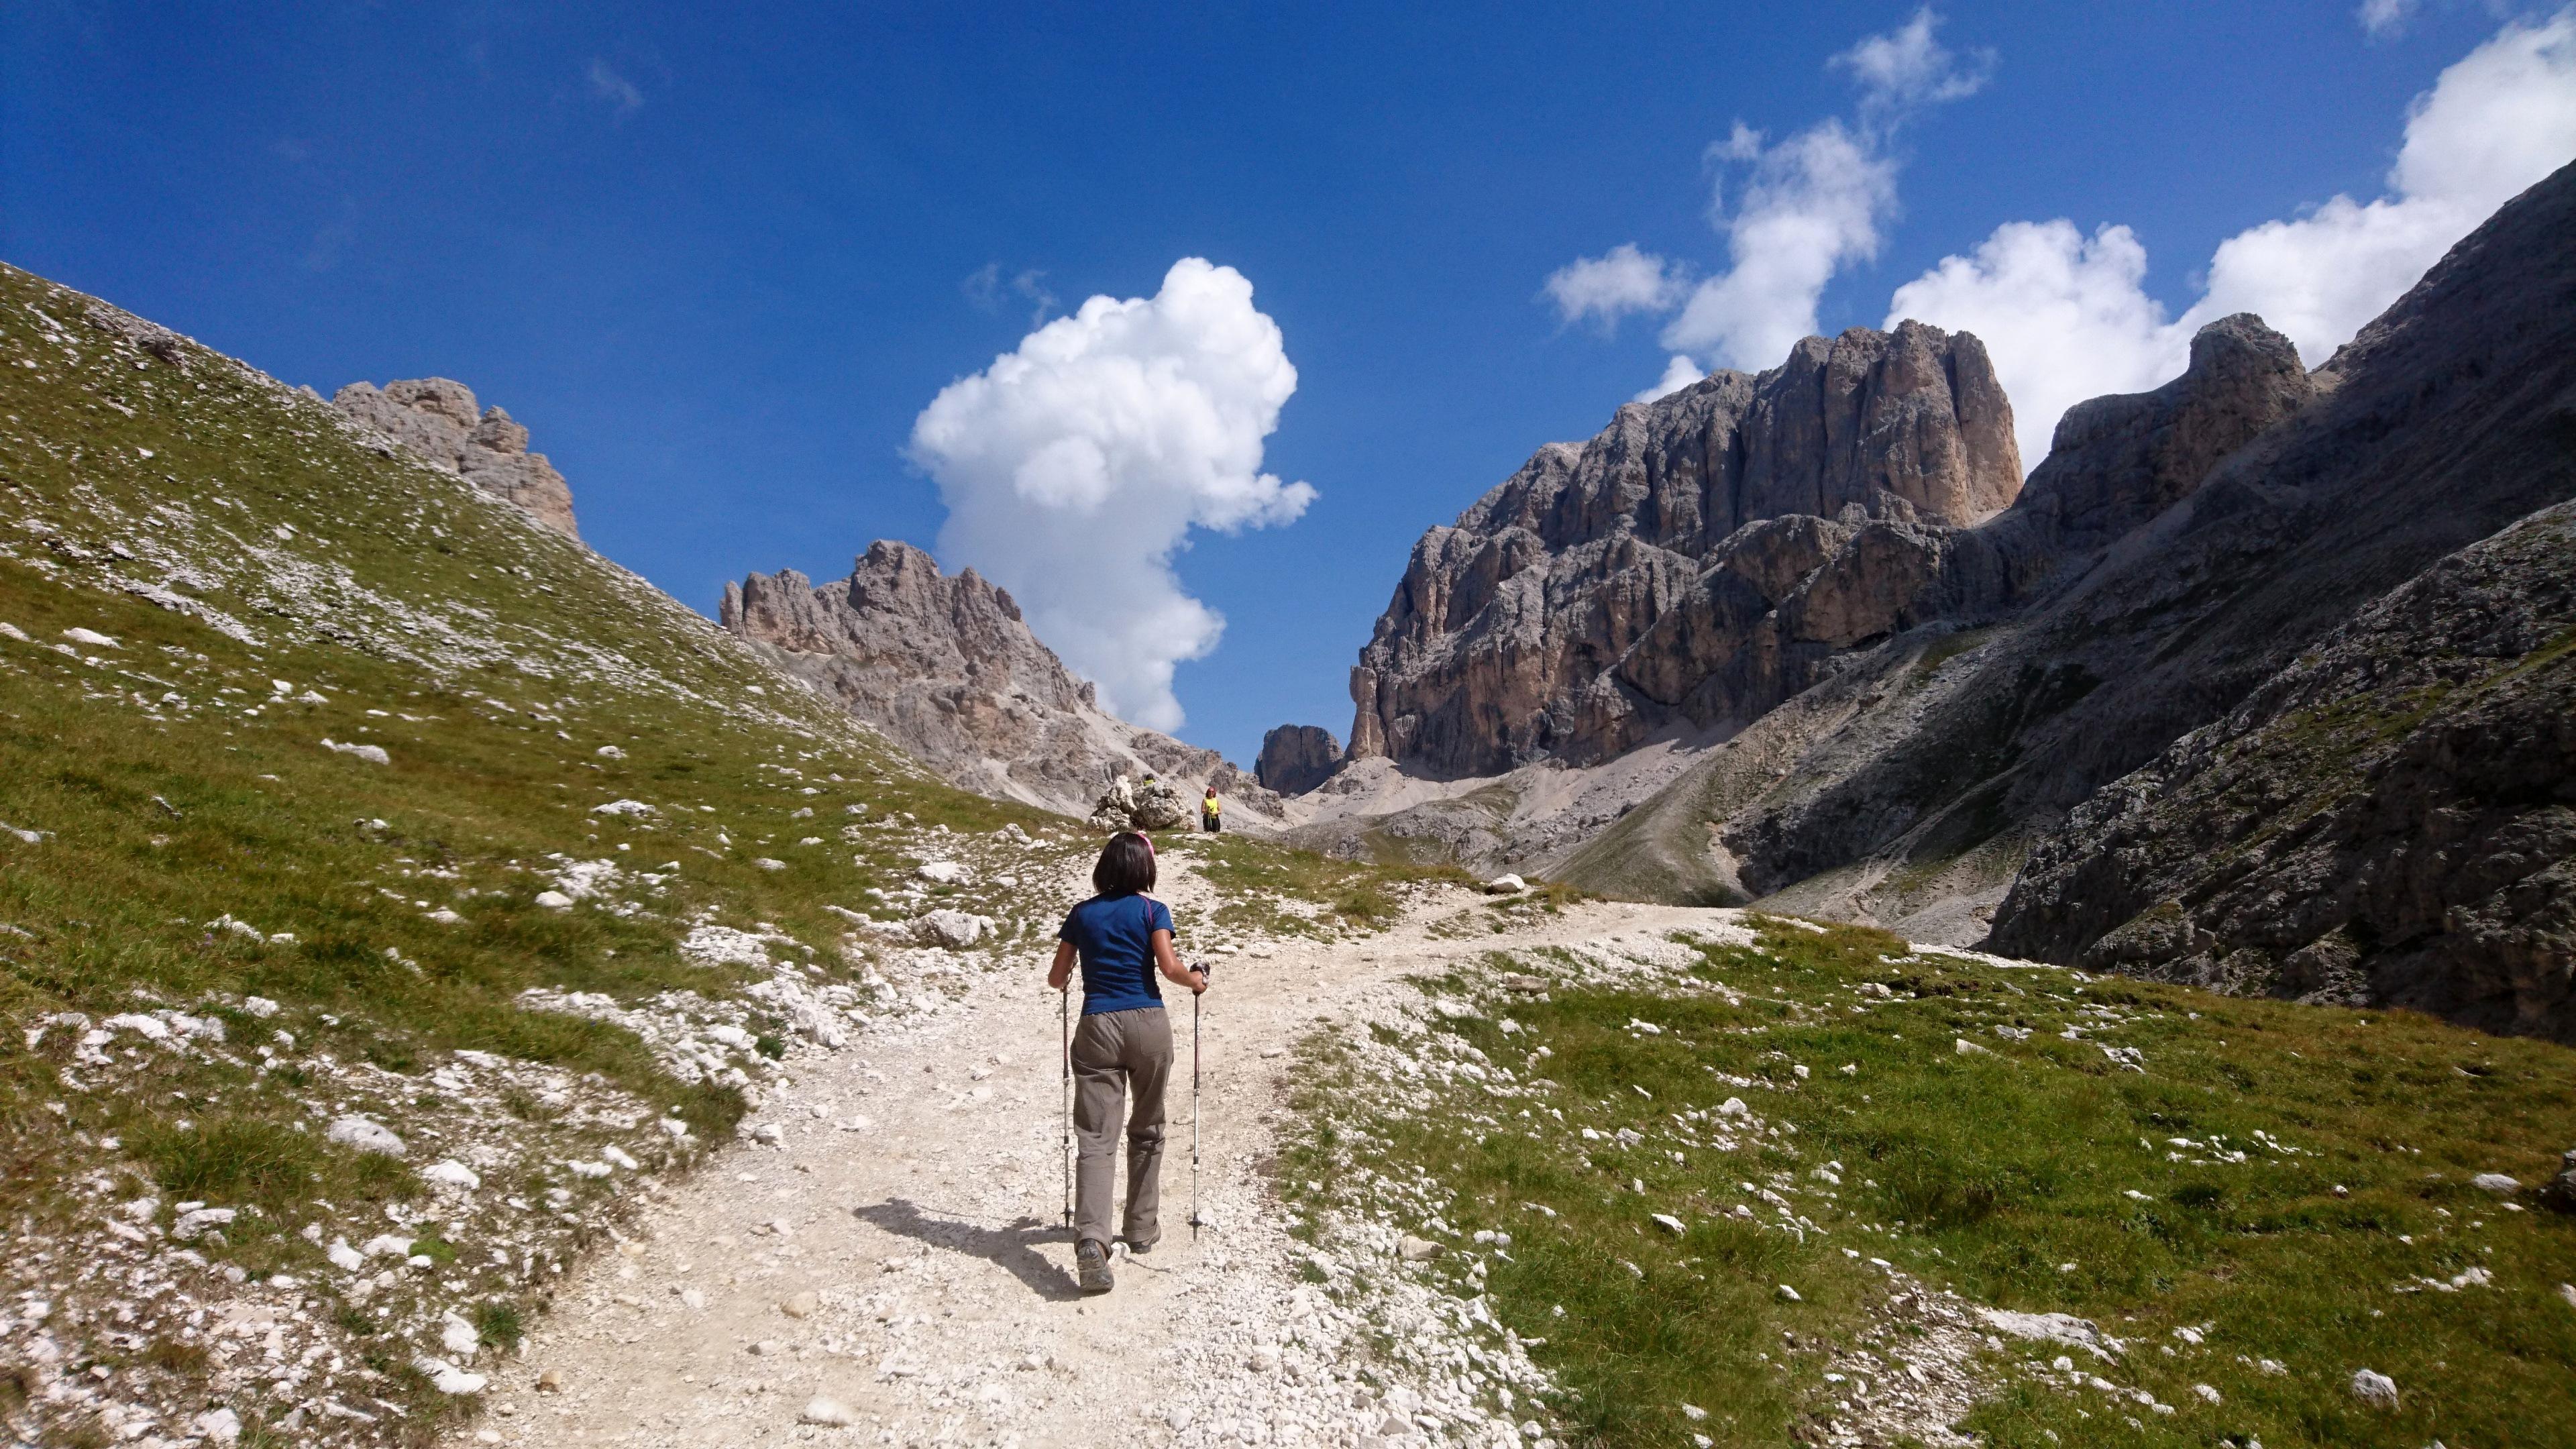 Erica sul sentiero verso Passo Principe, con i gruppi montuosi che piano piano si avvicinano